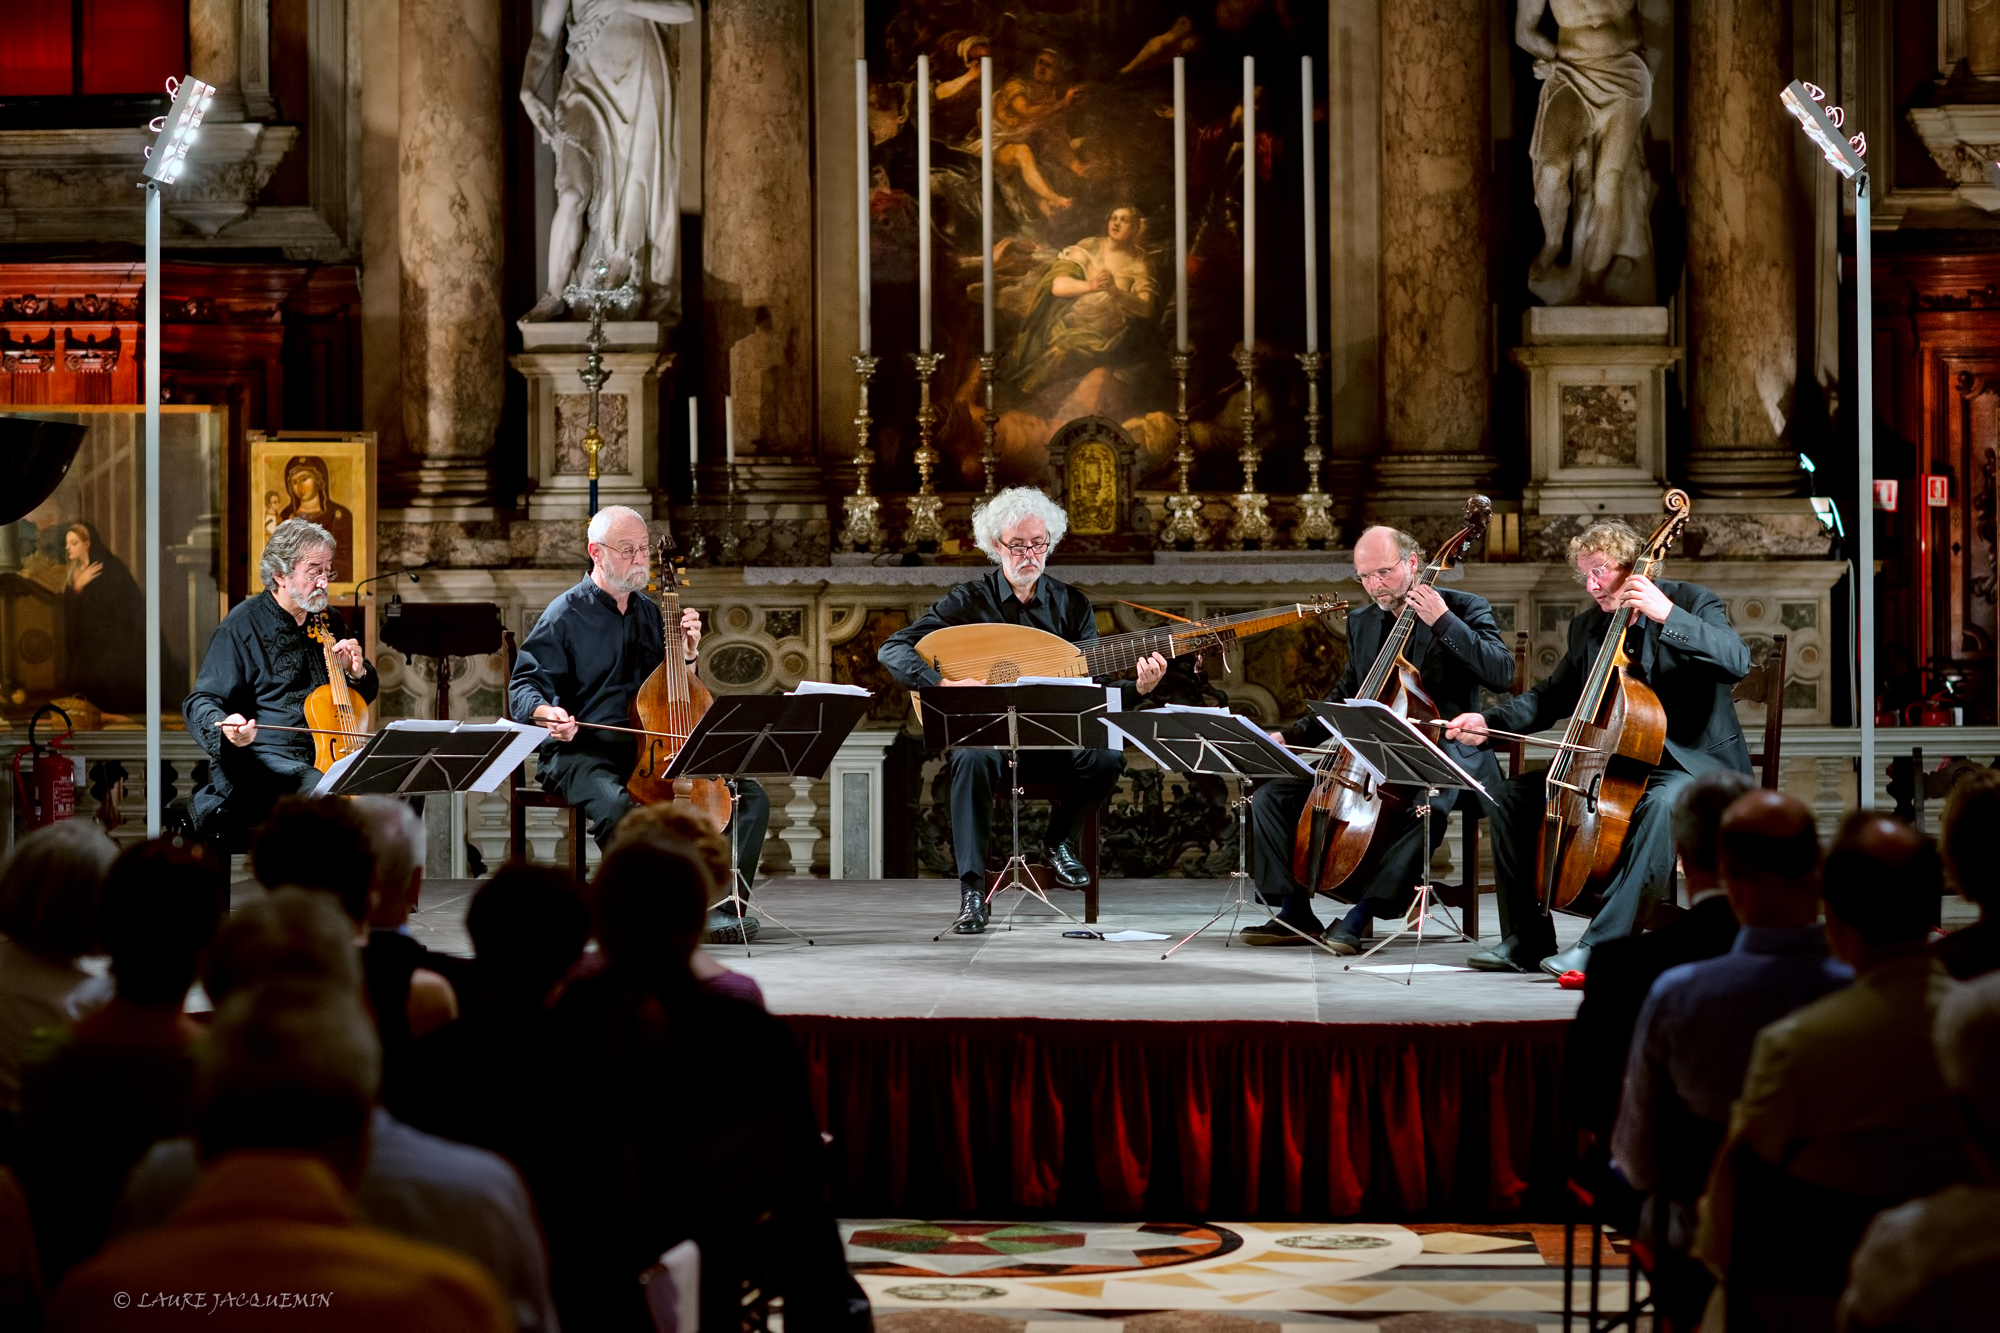 venice concert Monteverdi Vivaldi 2014 - Scuola Grande di San Rocco - laure jacquemin (11)